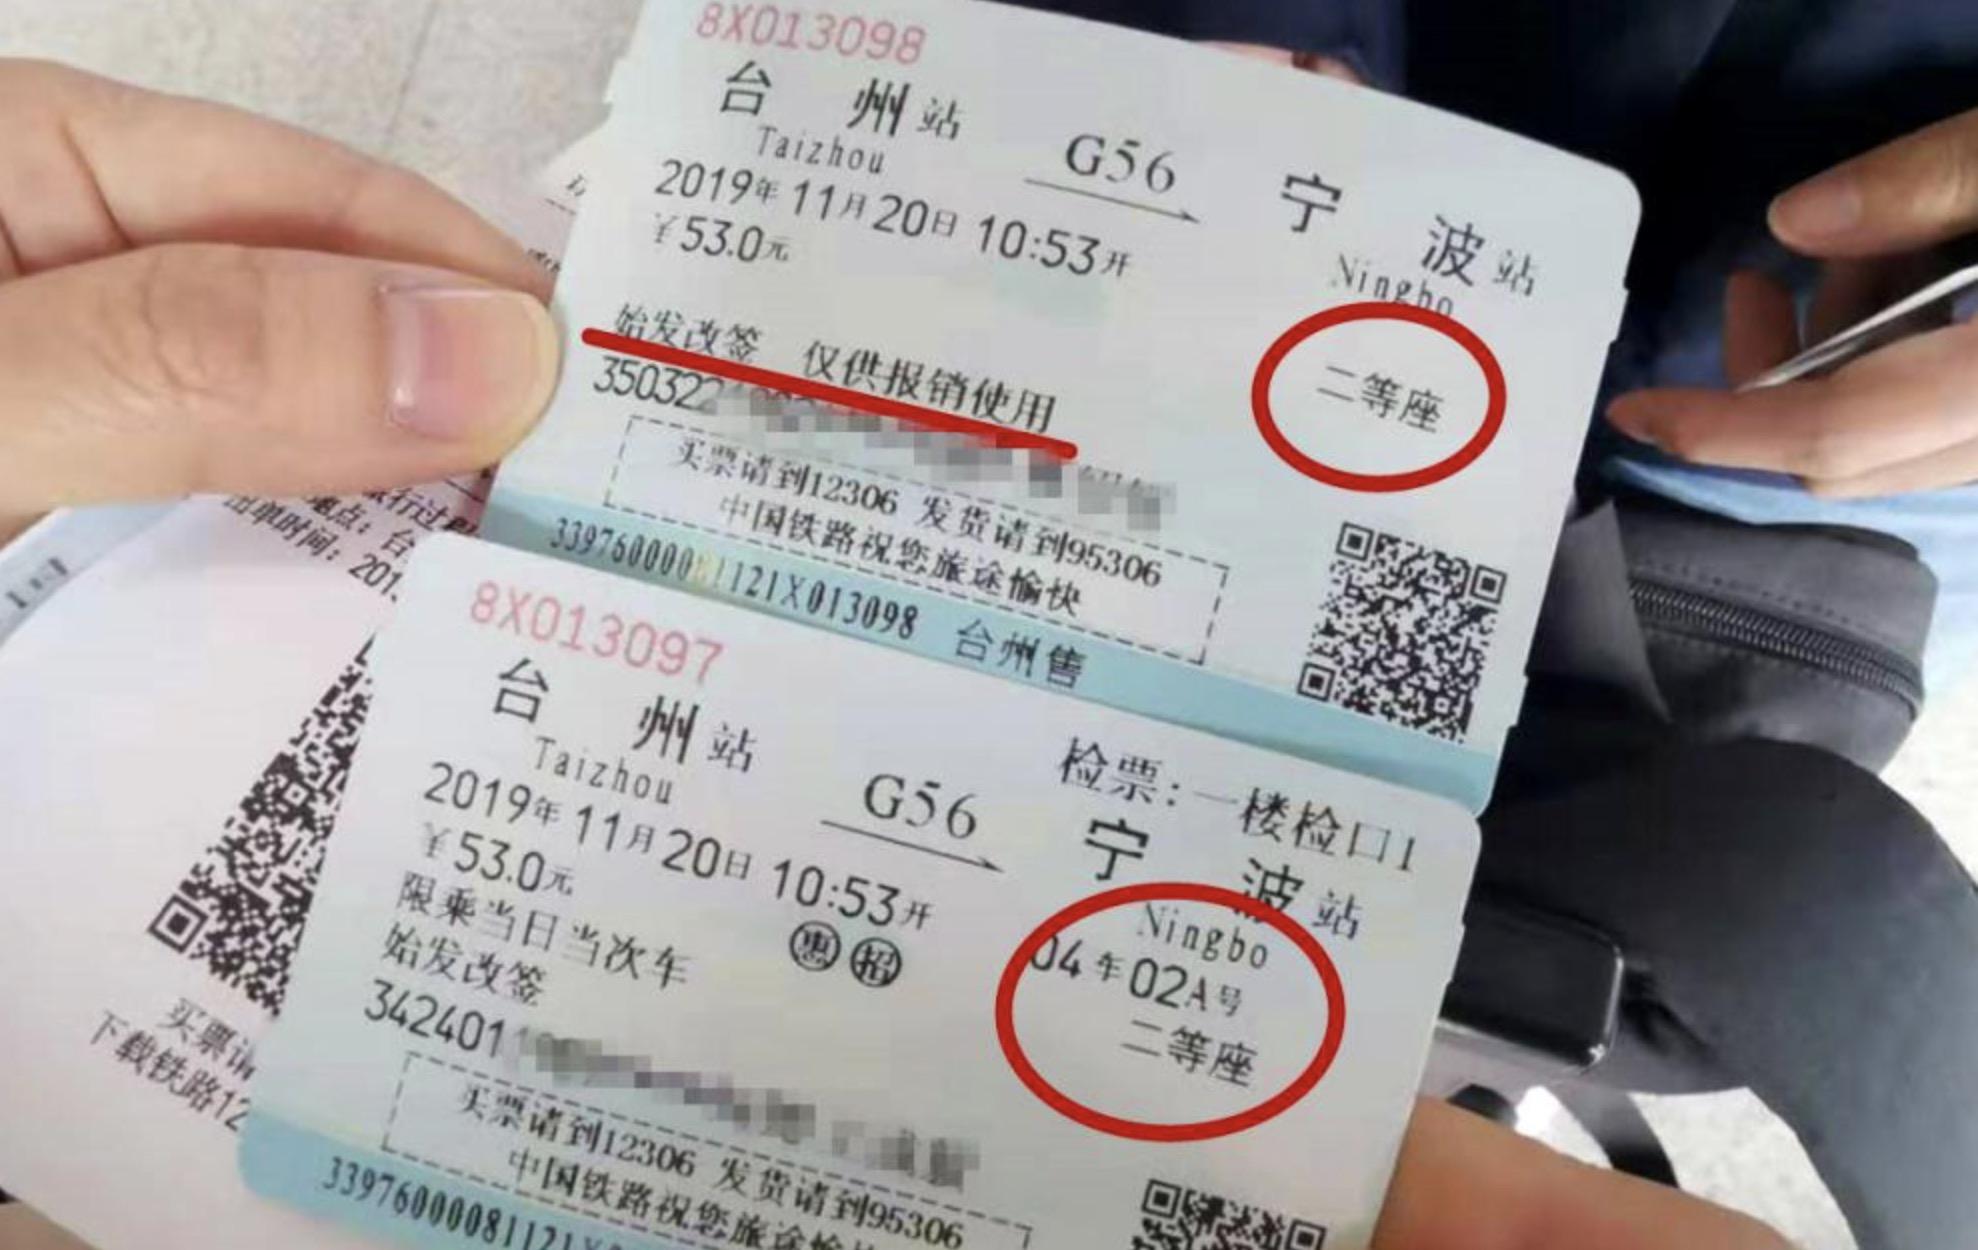 臺州站電子客票實施首日:購票、進站有何不同?報銷憑證長啥樣?